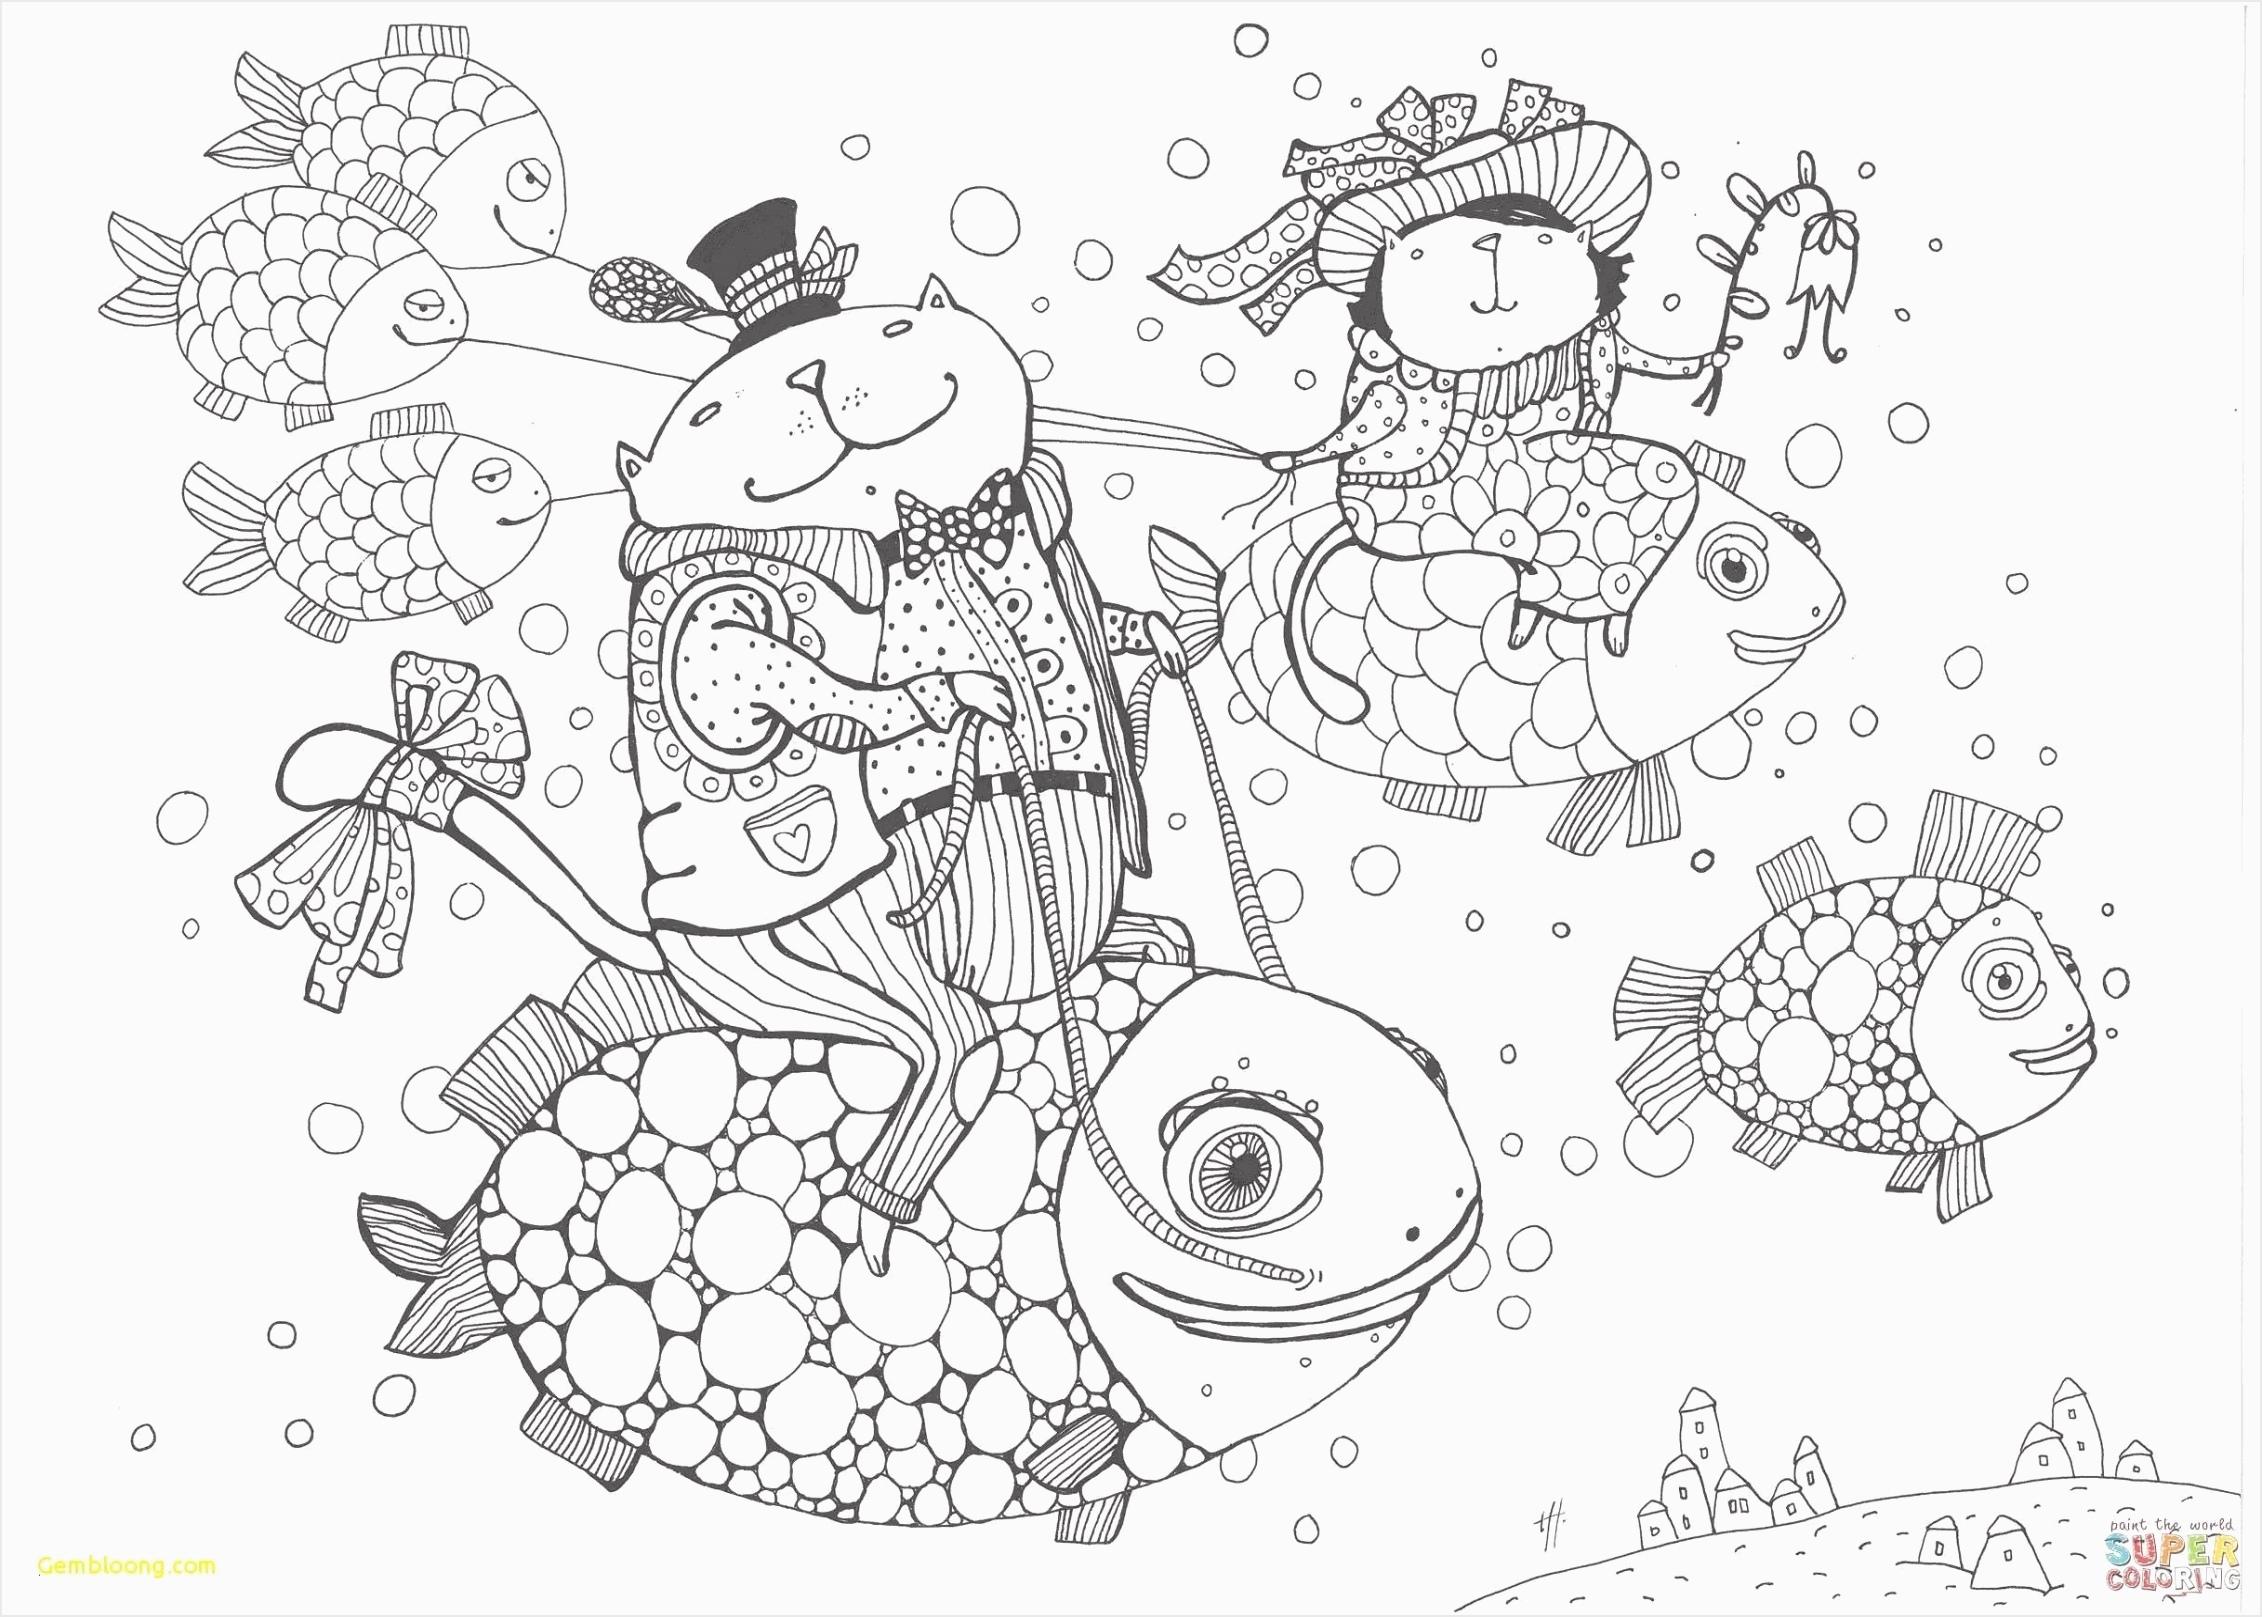 ausmalbilder fur erwachsene totenkopf impressionnant collection wunderschon pooh bar malvorlagen 26 opota